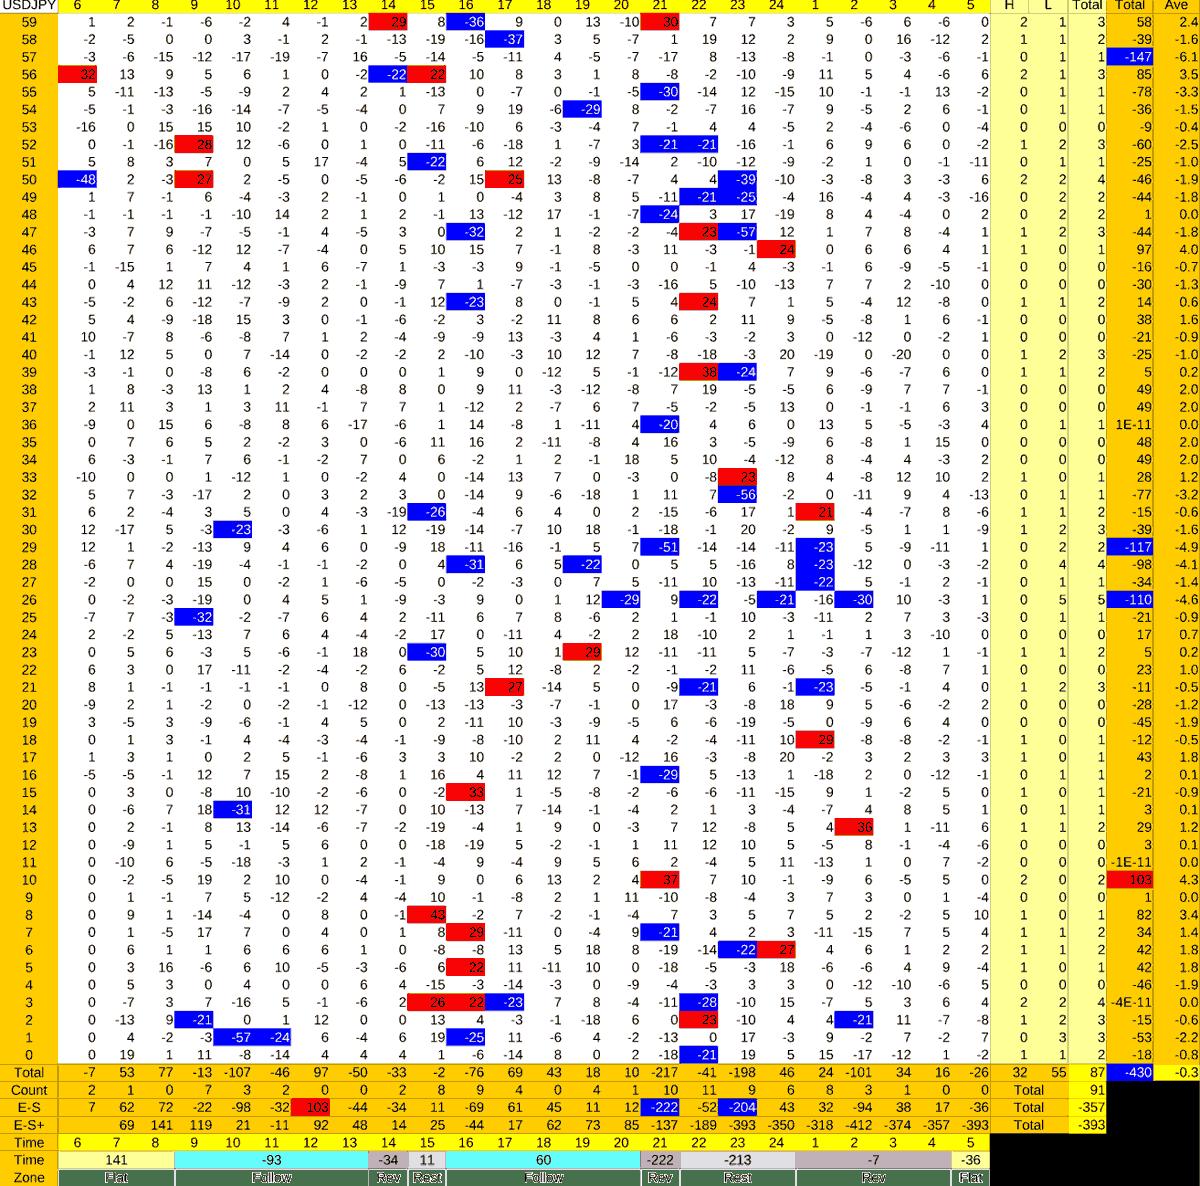 20210617_HS(1)USDJPY